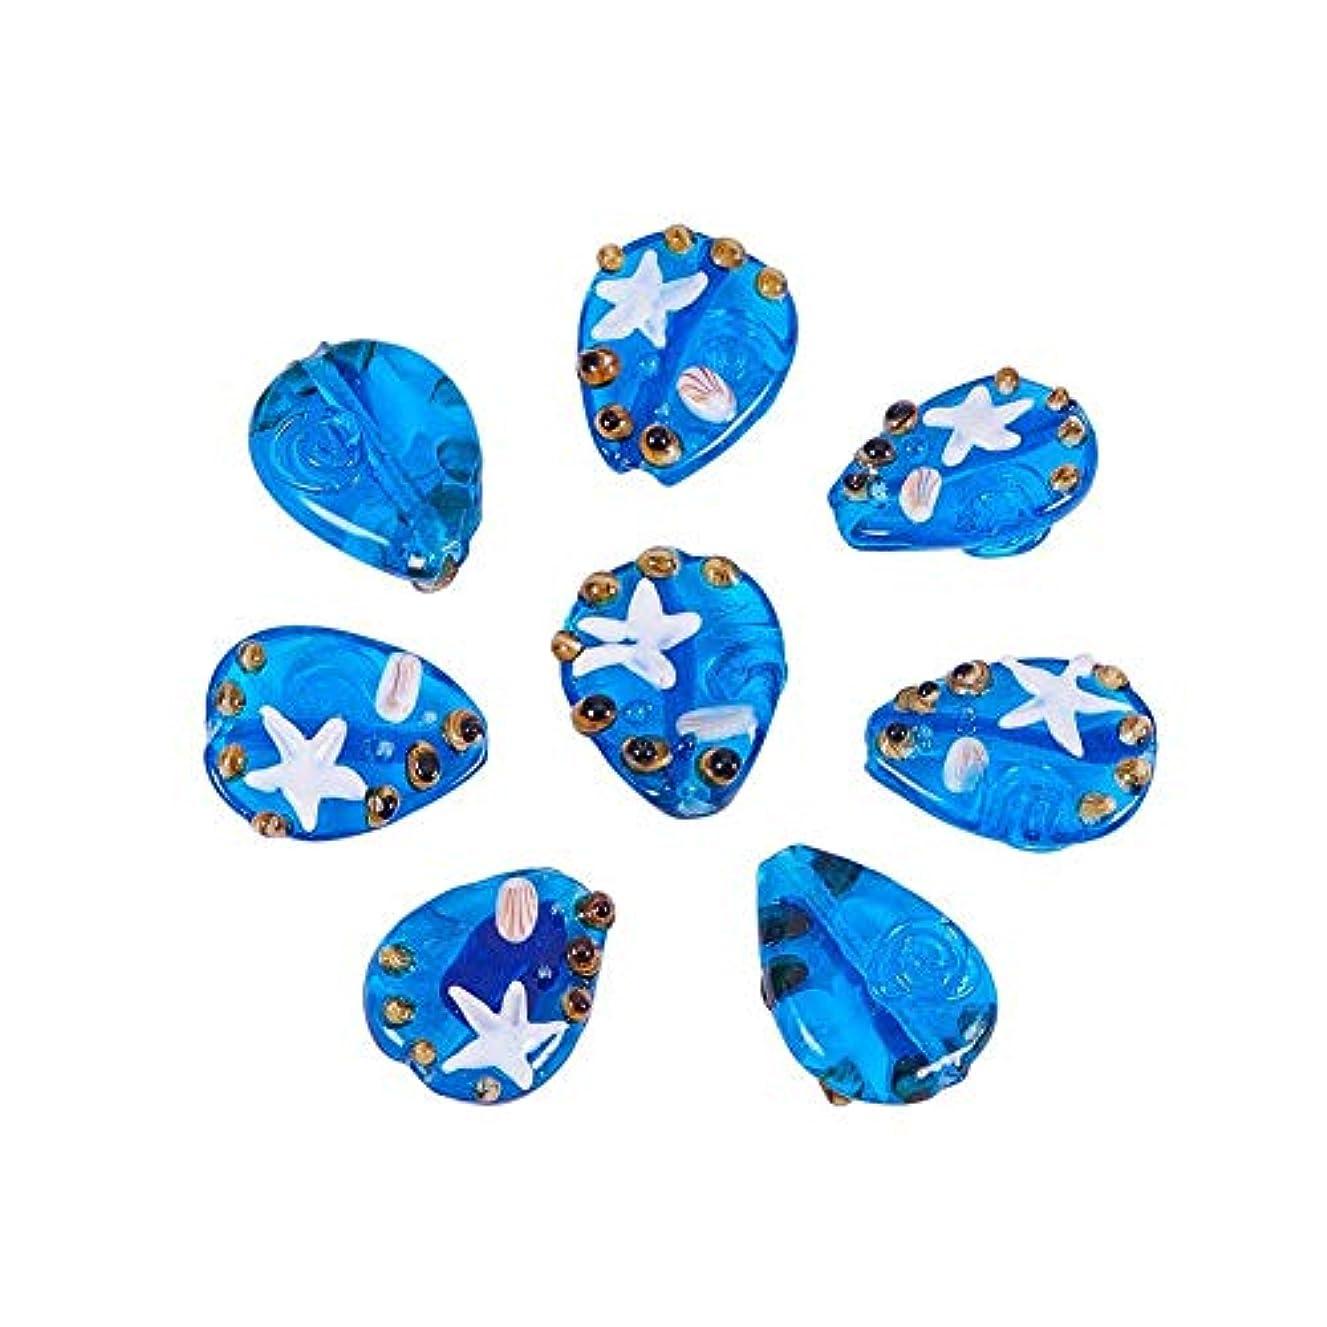 Pandahall 1 Box(12pcs) Ocean Style Drop Handmade Lampwork Beads RoyalBlue, 28~30x22~23x6~7mm, Hole: 2.5~3.5mm